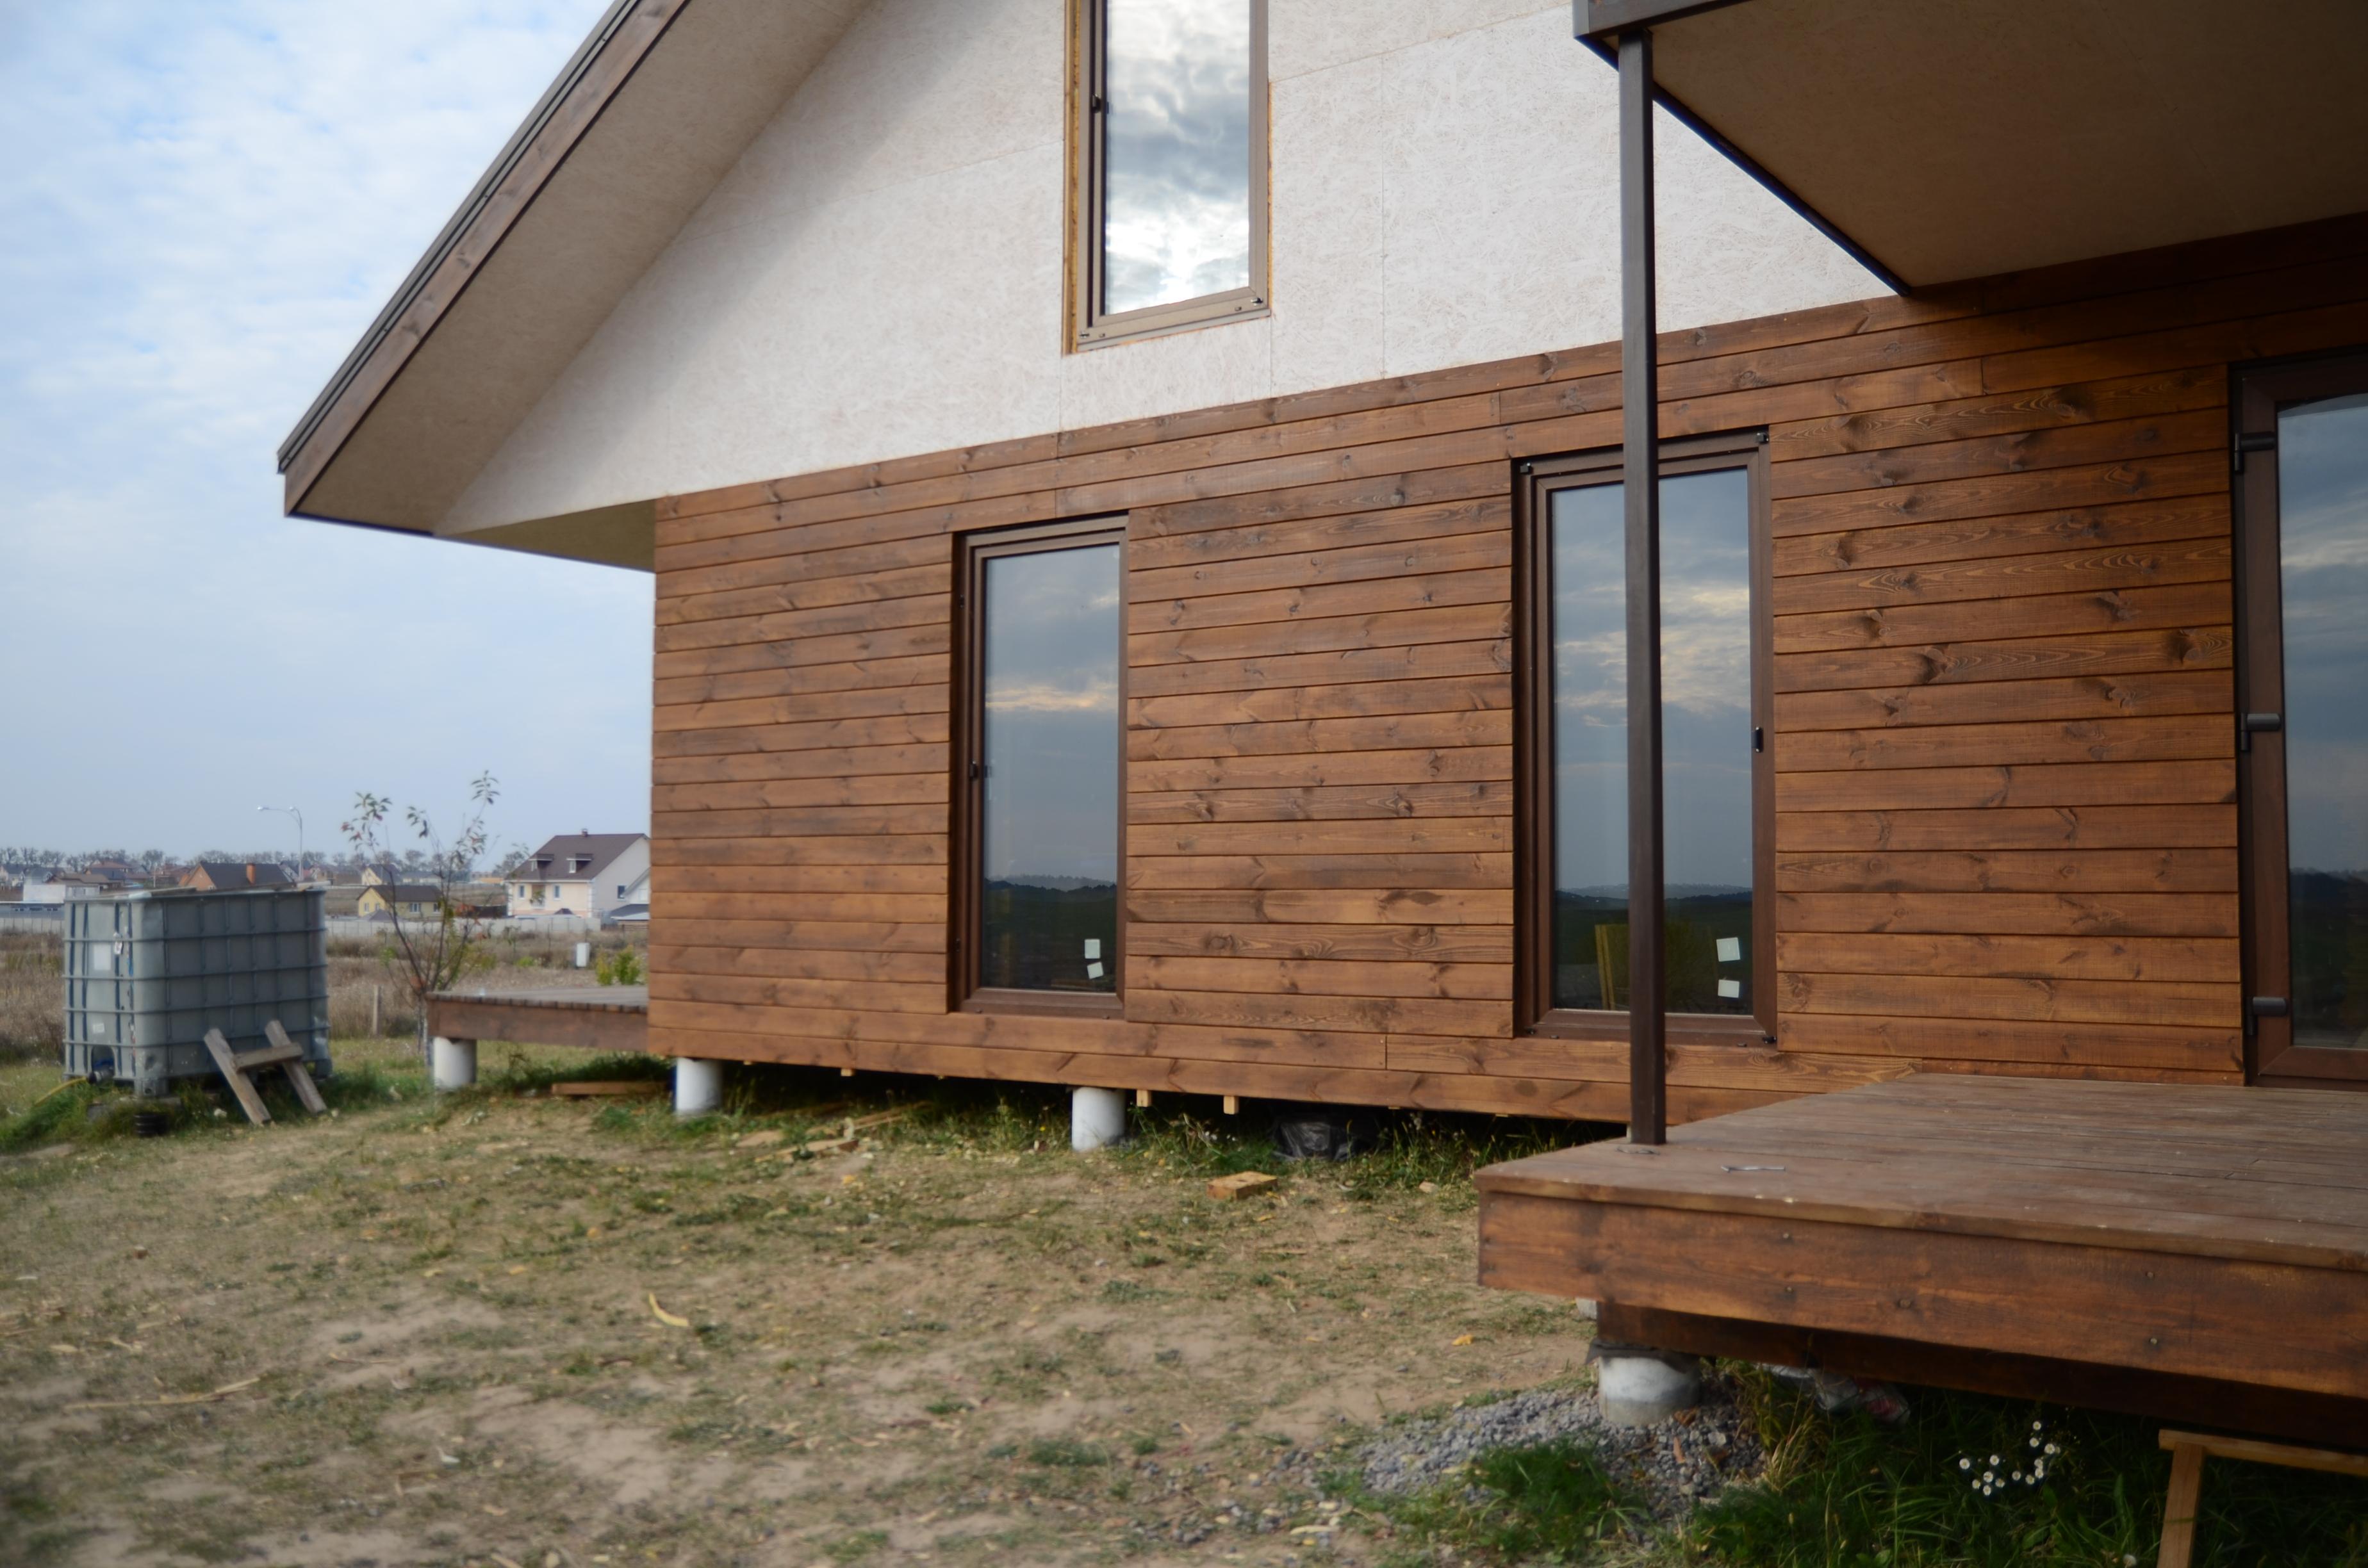 Colori Per Facciate Case plancia per facciate (55 foto): rivestimento della facciata